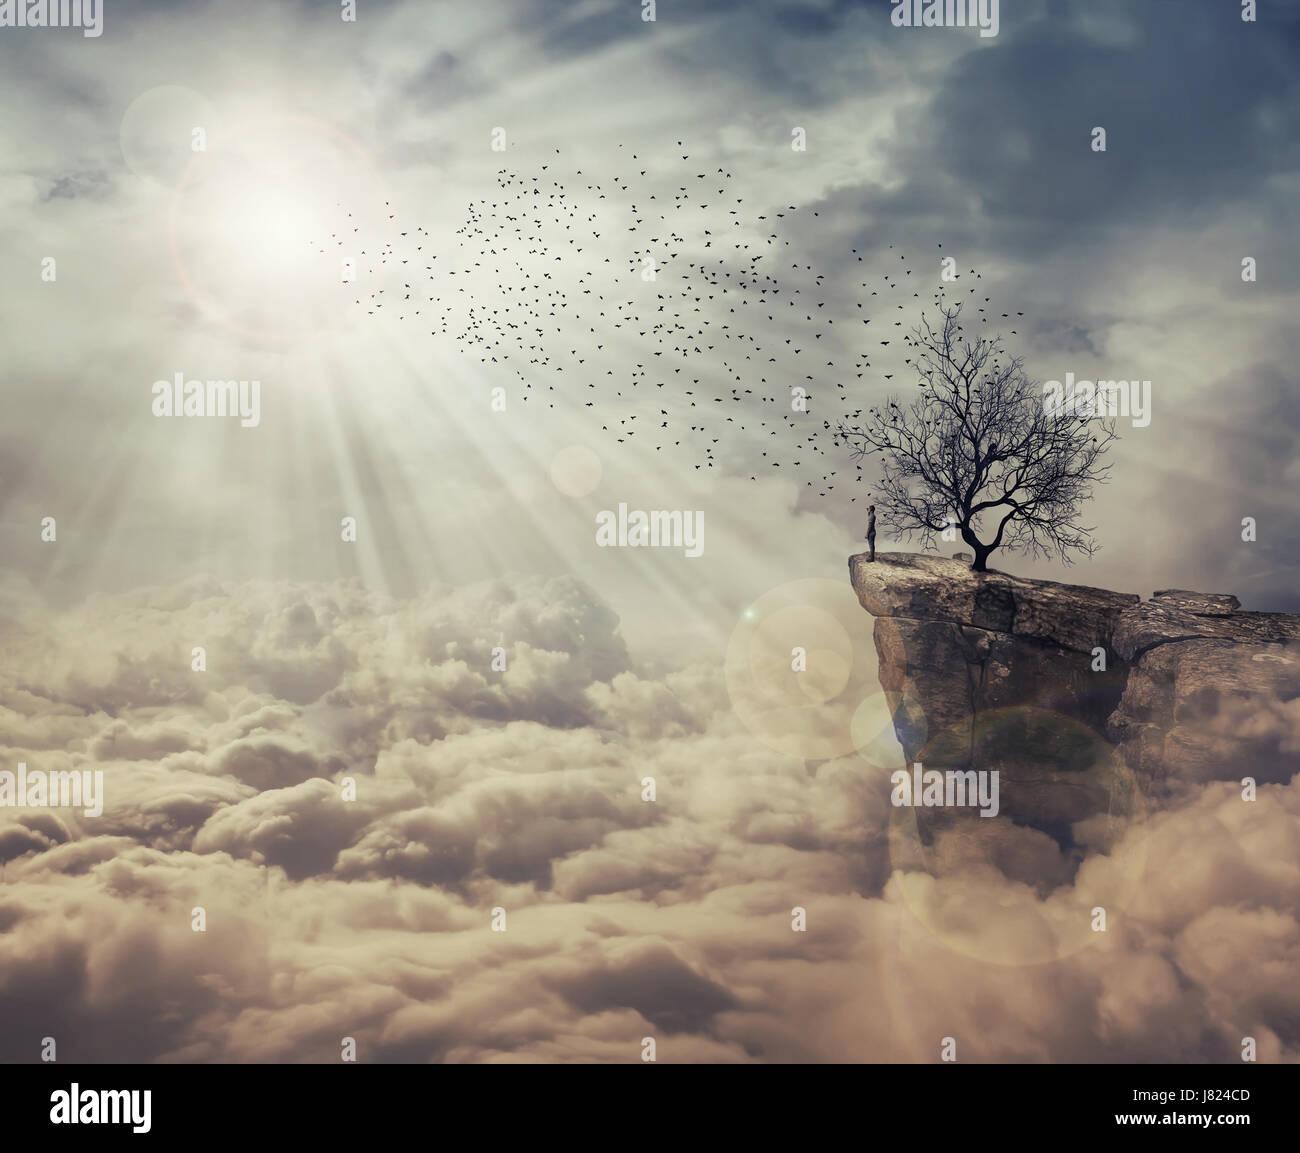 Junger Mann stand an der Spitze einer Klippe über den Wolken in einen Vogelschwarm fliegt von einem seltsam, Stockbild